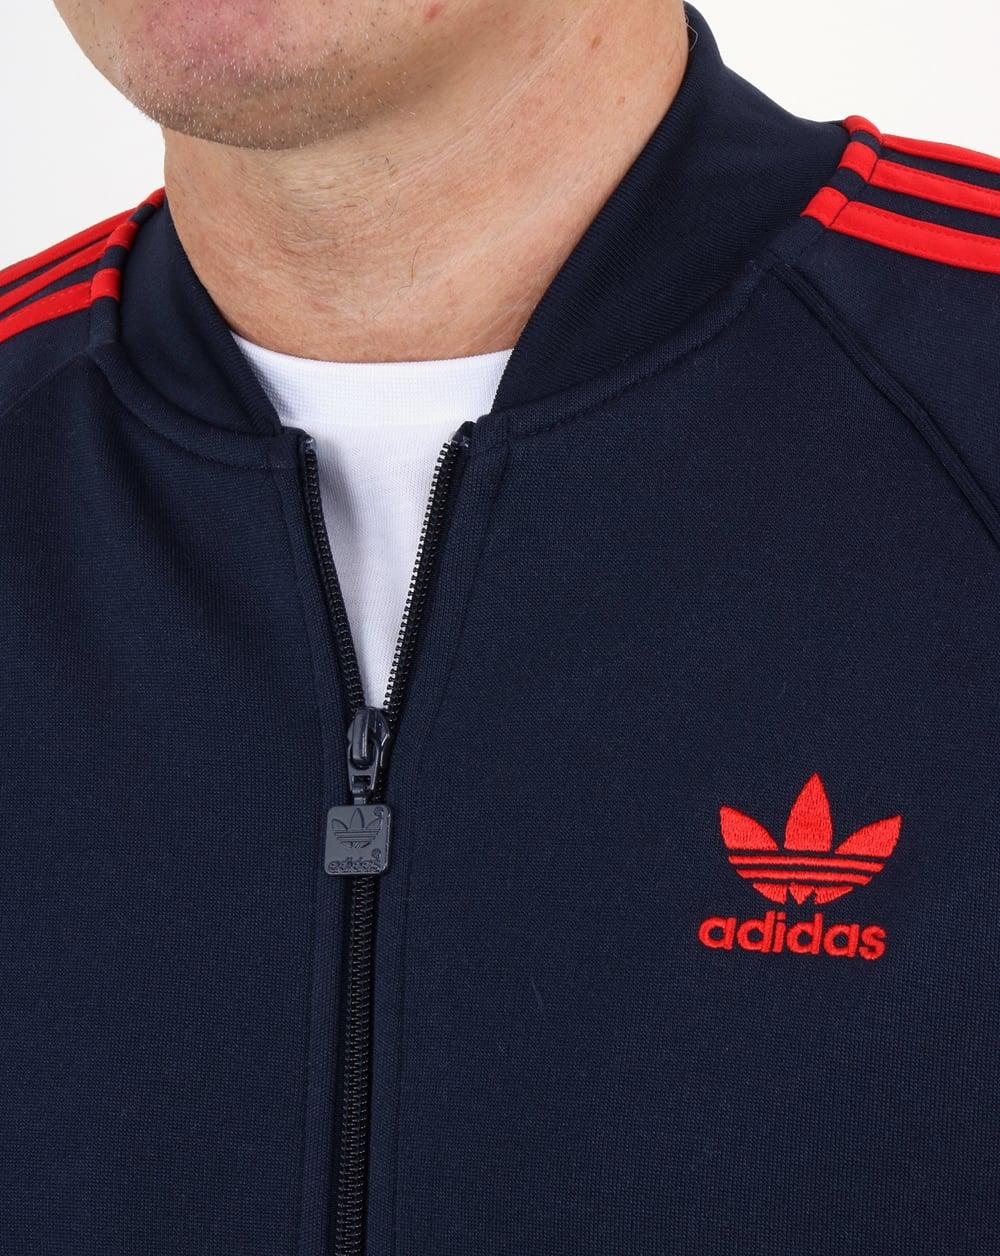 Adidas Pista Originales Superestrella Superior De Color Azul Marino CqueWW